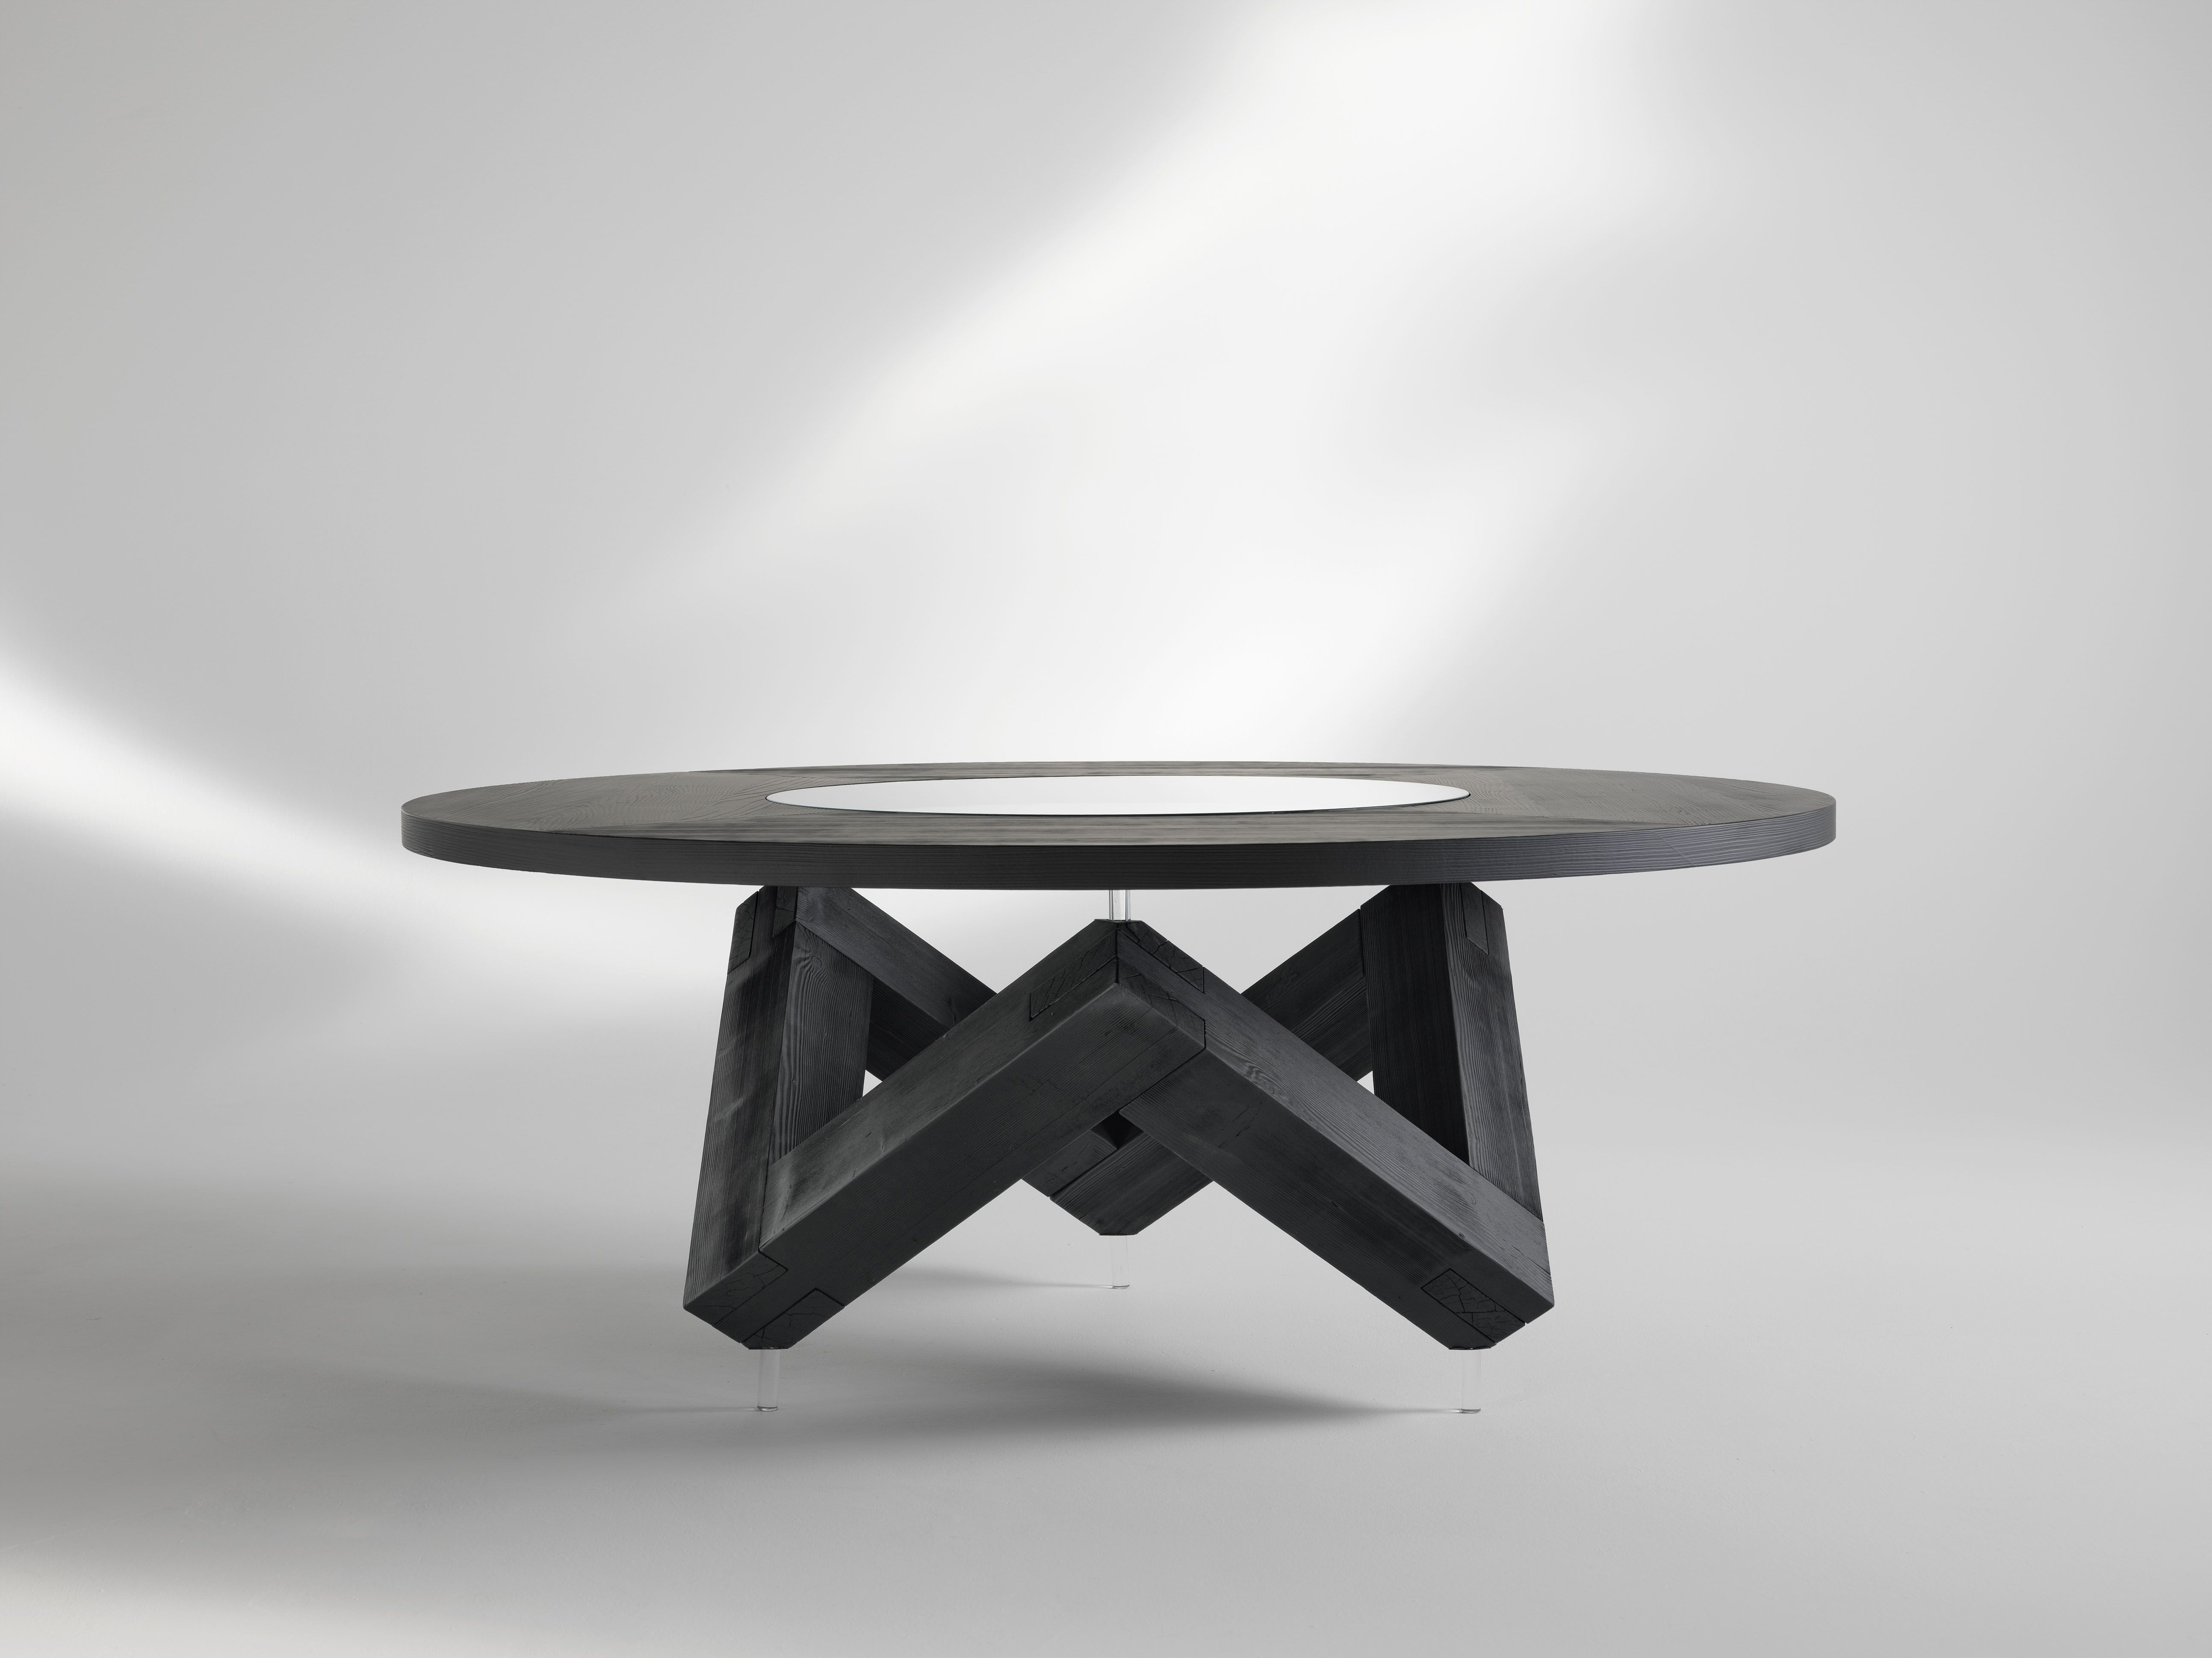 Tavolo Rotondo Moderno In Vetro.Tavolo Da Pranzo Tondo In Legno Con Piano Girevole In Vetro Bao